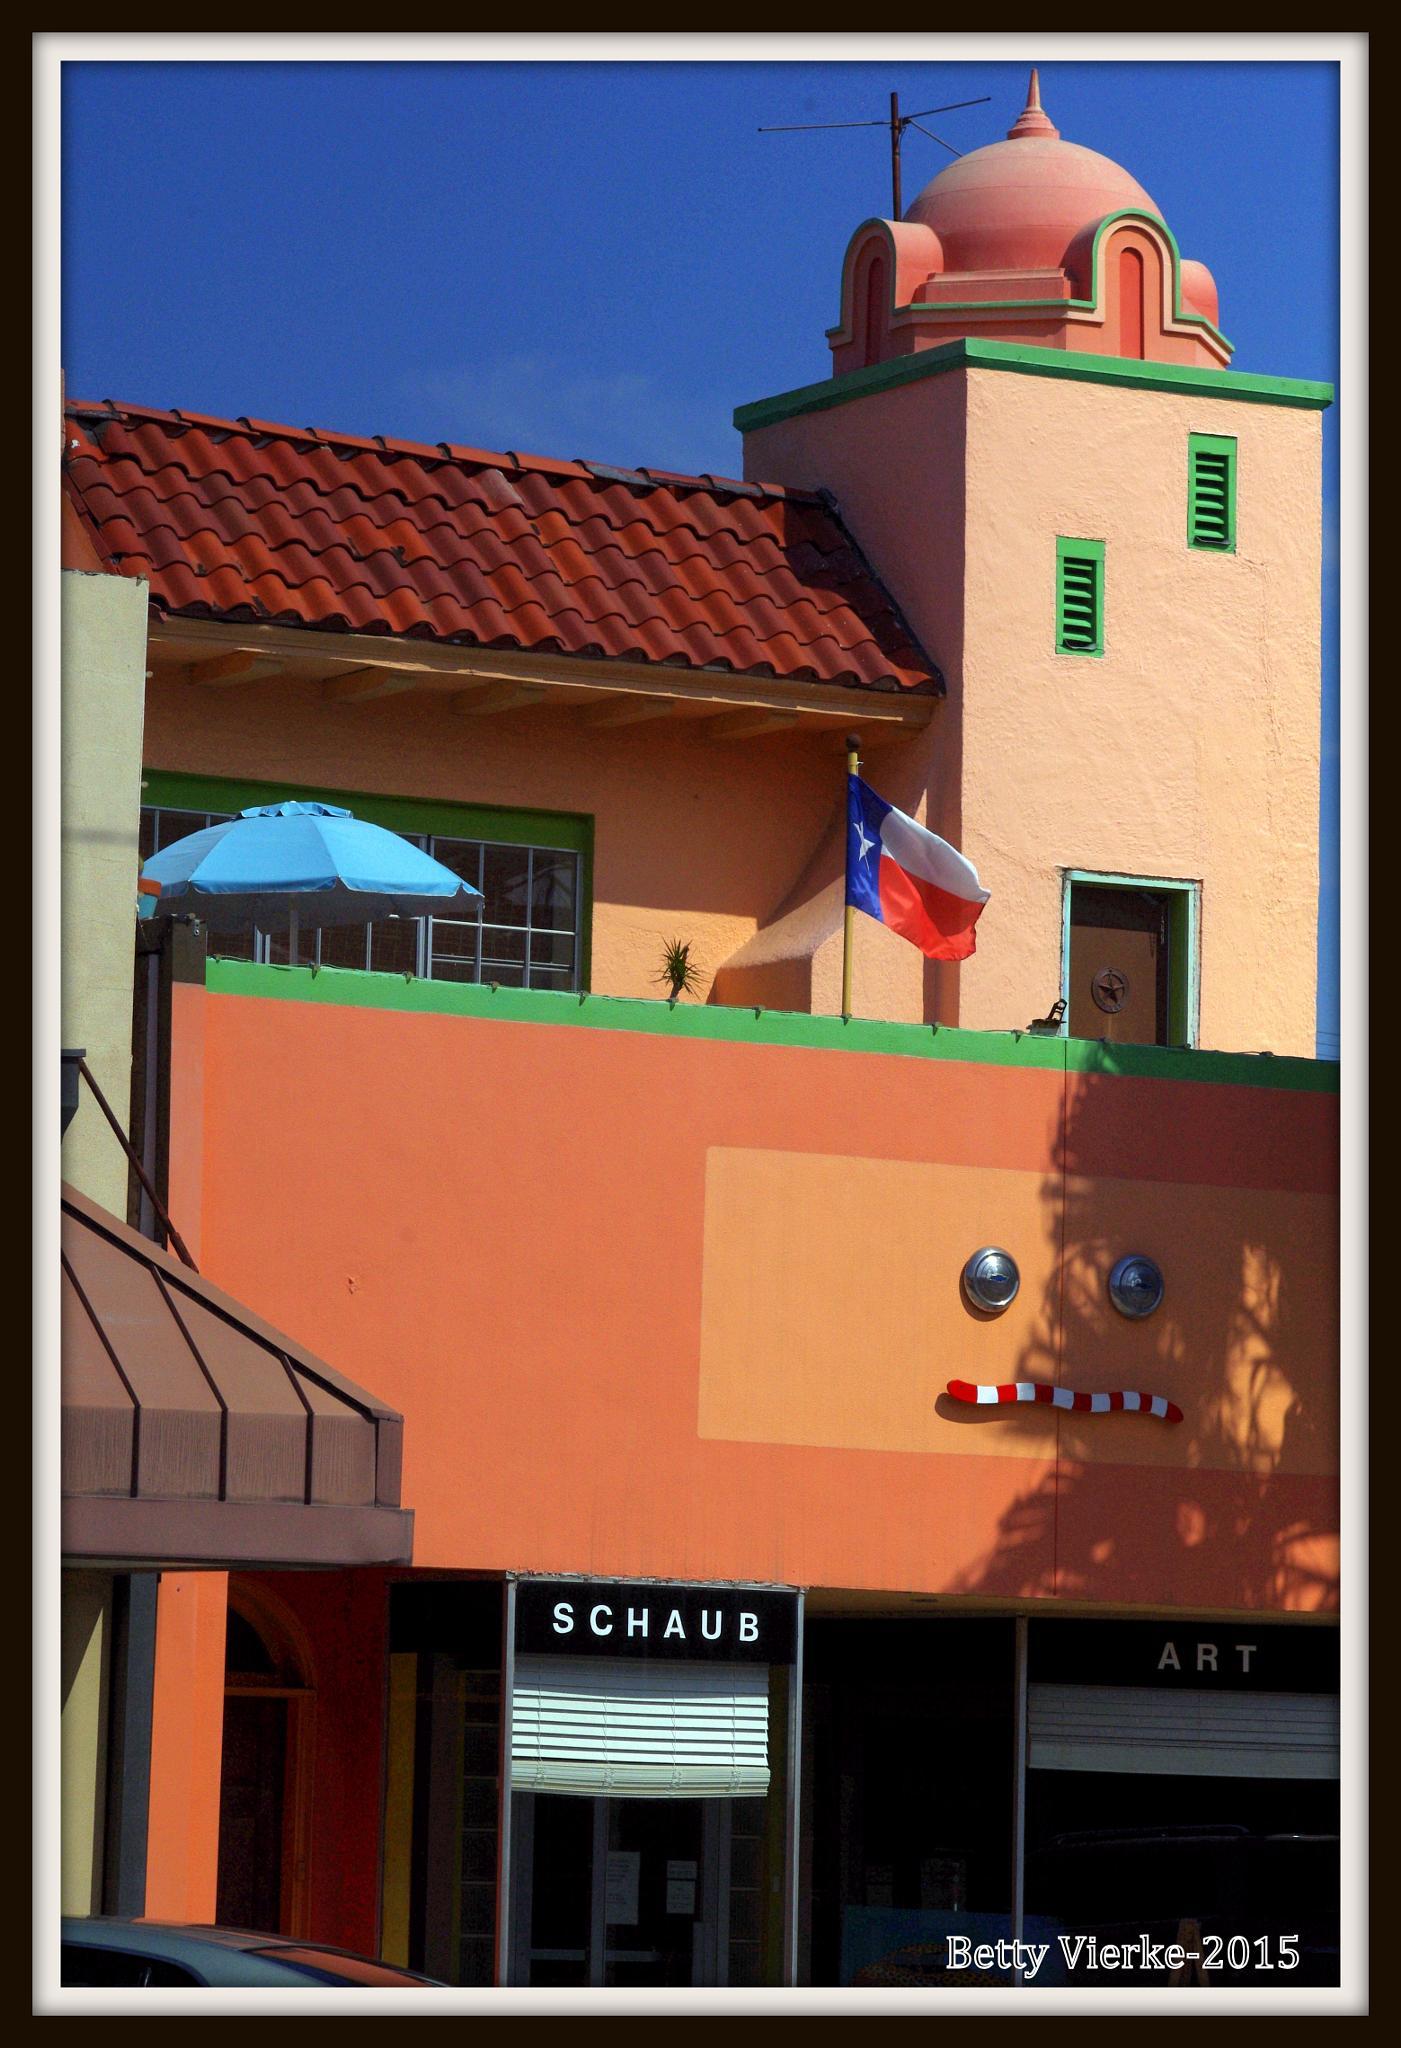 Schaub store front. by BVierke